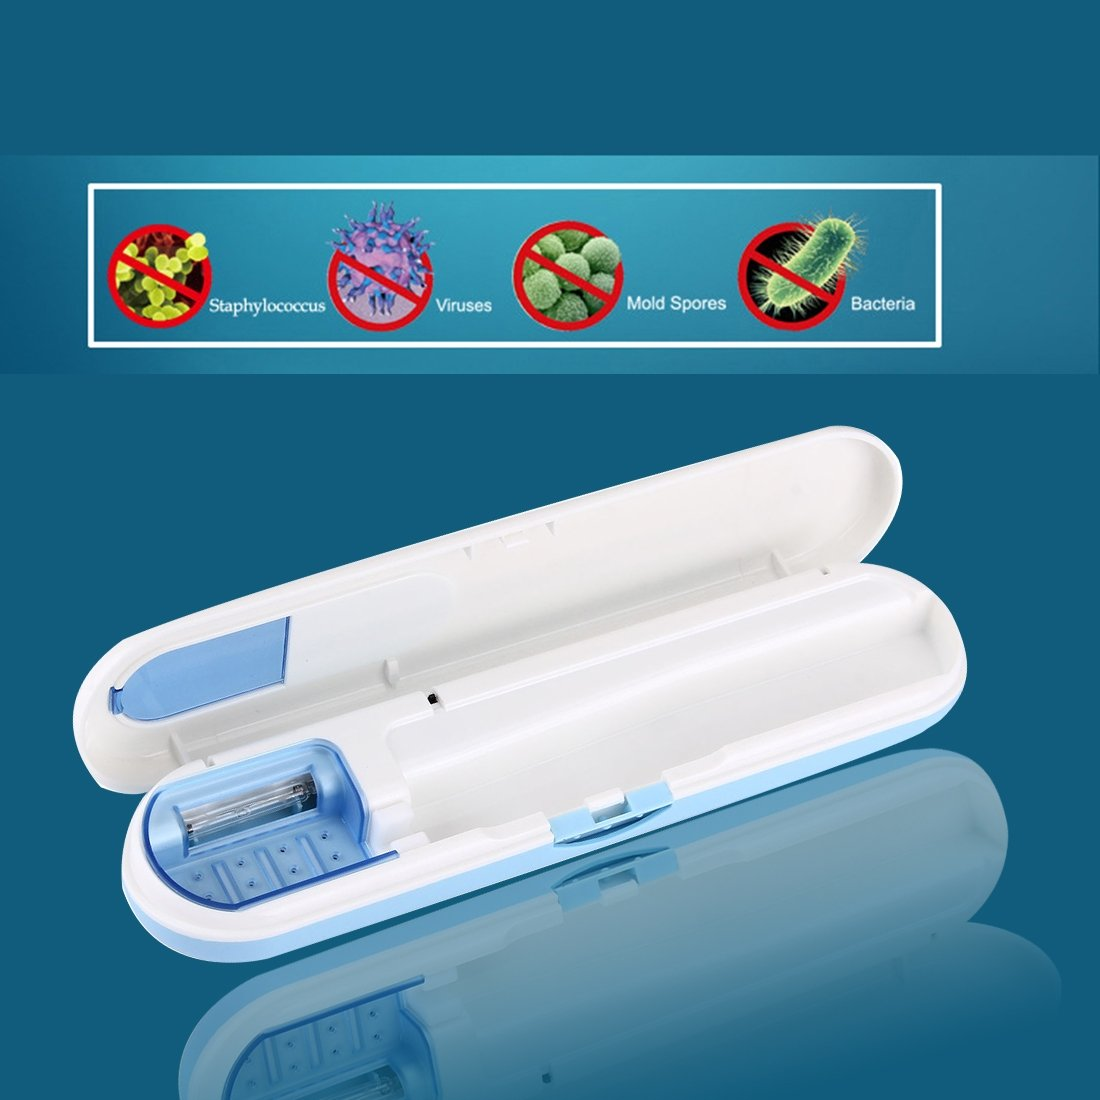 Luz ultravioleta UV cepillo de dientes esterilizador - Único Soporte de cepillo limpiador/desinfectante: Amazon.es: Salud y cuidado personal